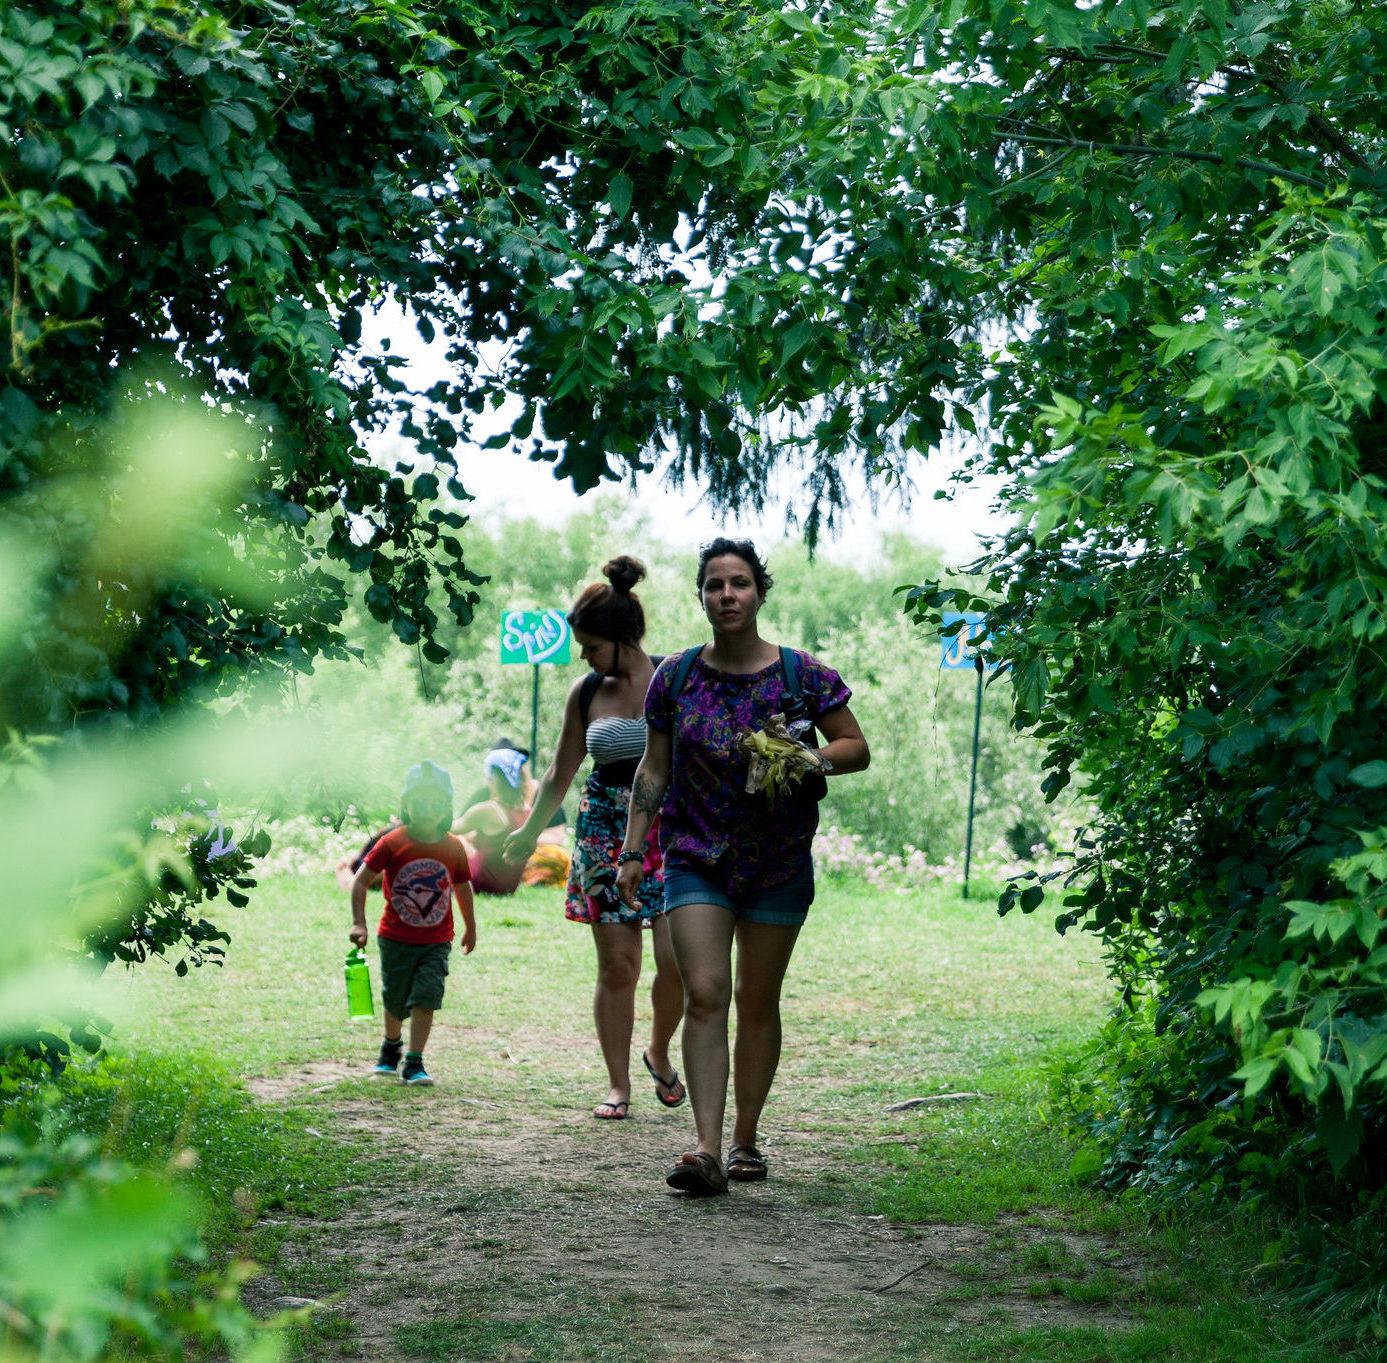 people walking through trees